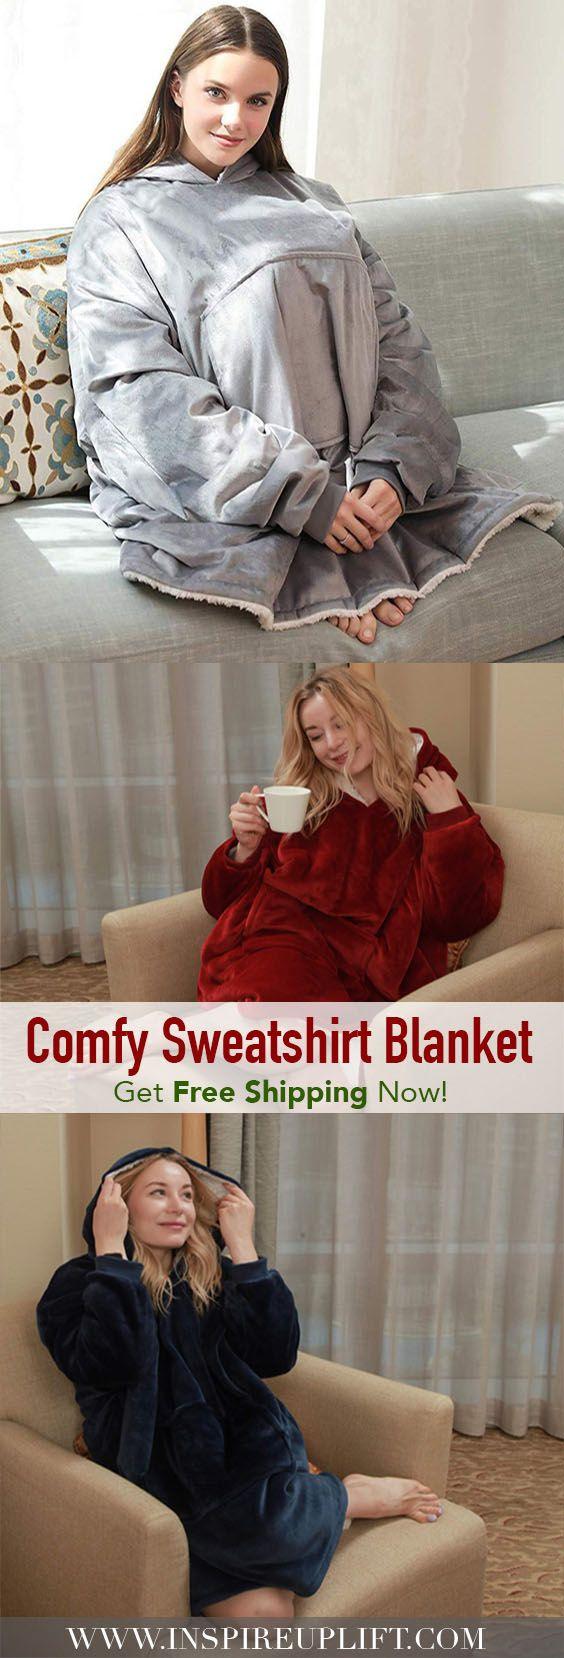 Cozy Blanket Sweatshirt 😍 InspireUplift.com